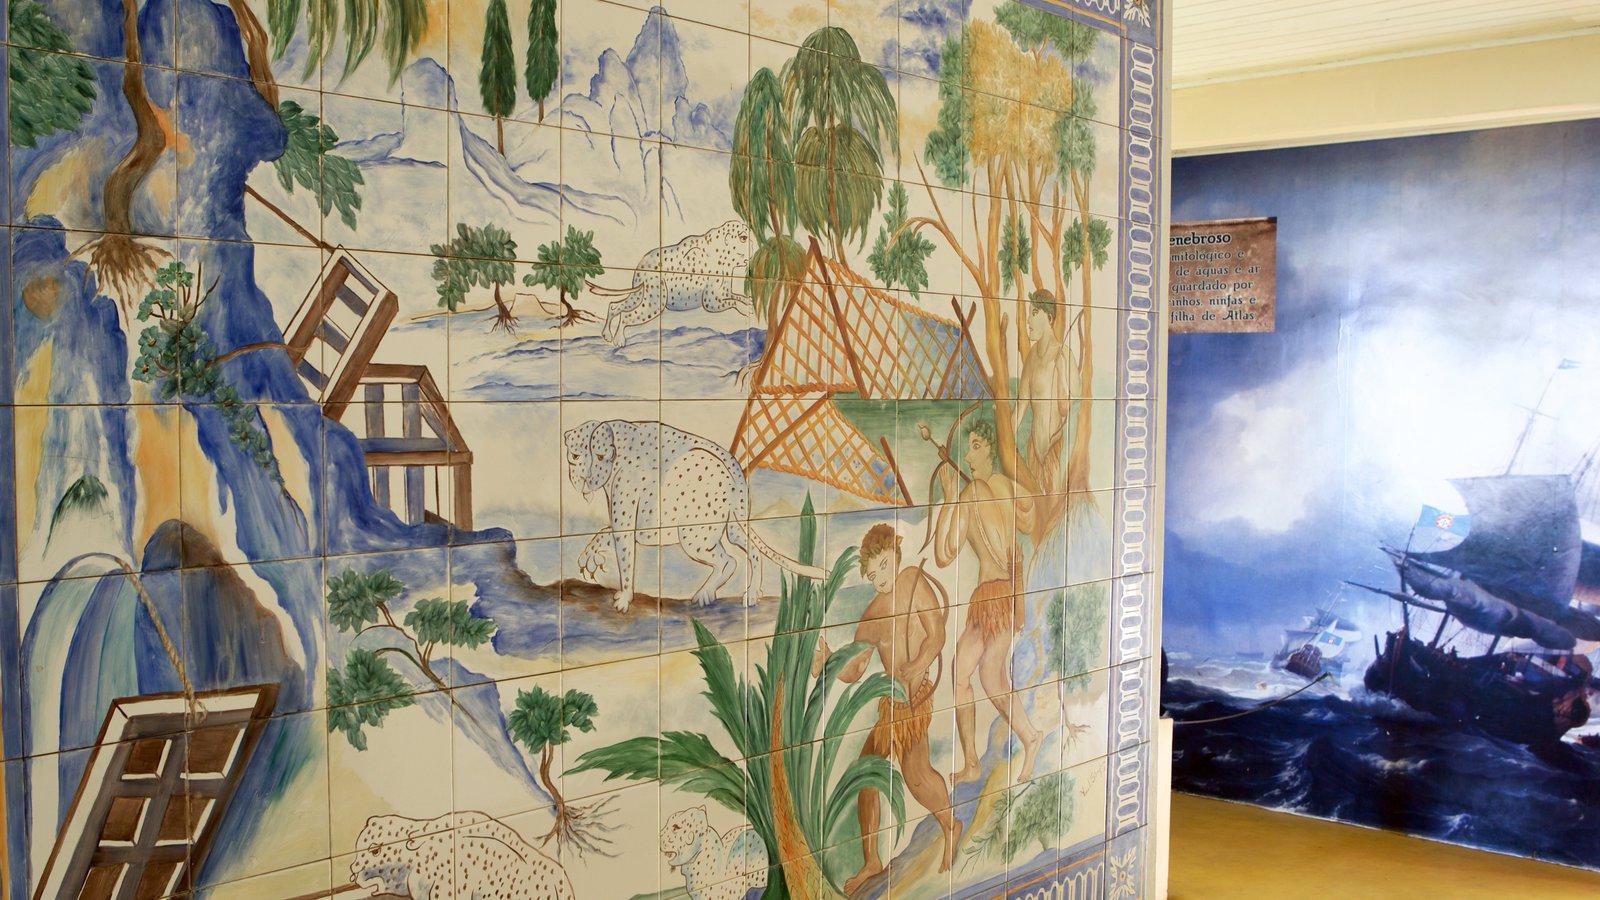 Memorial do Descobrimento do Brasil que inclui arte, arte ao ar livre e vistas internas